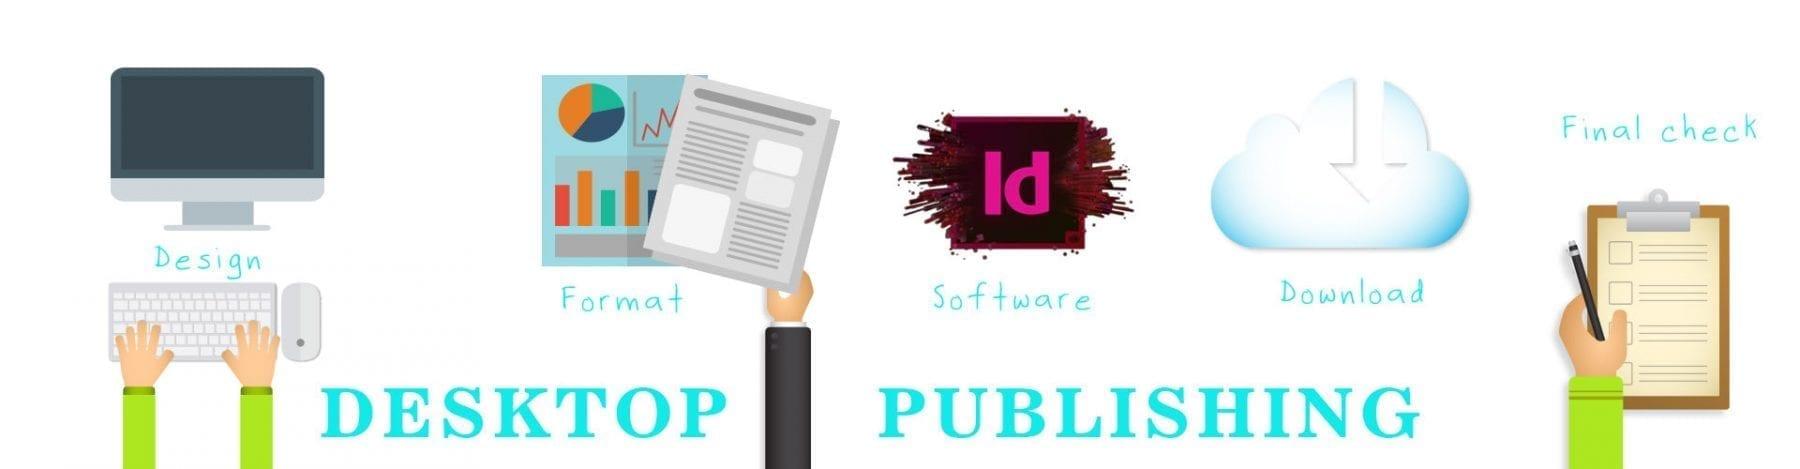 dtp services - desktop publishing services